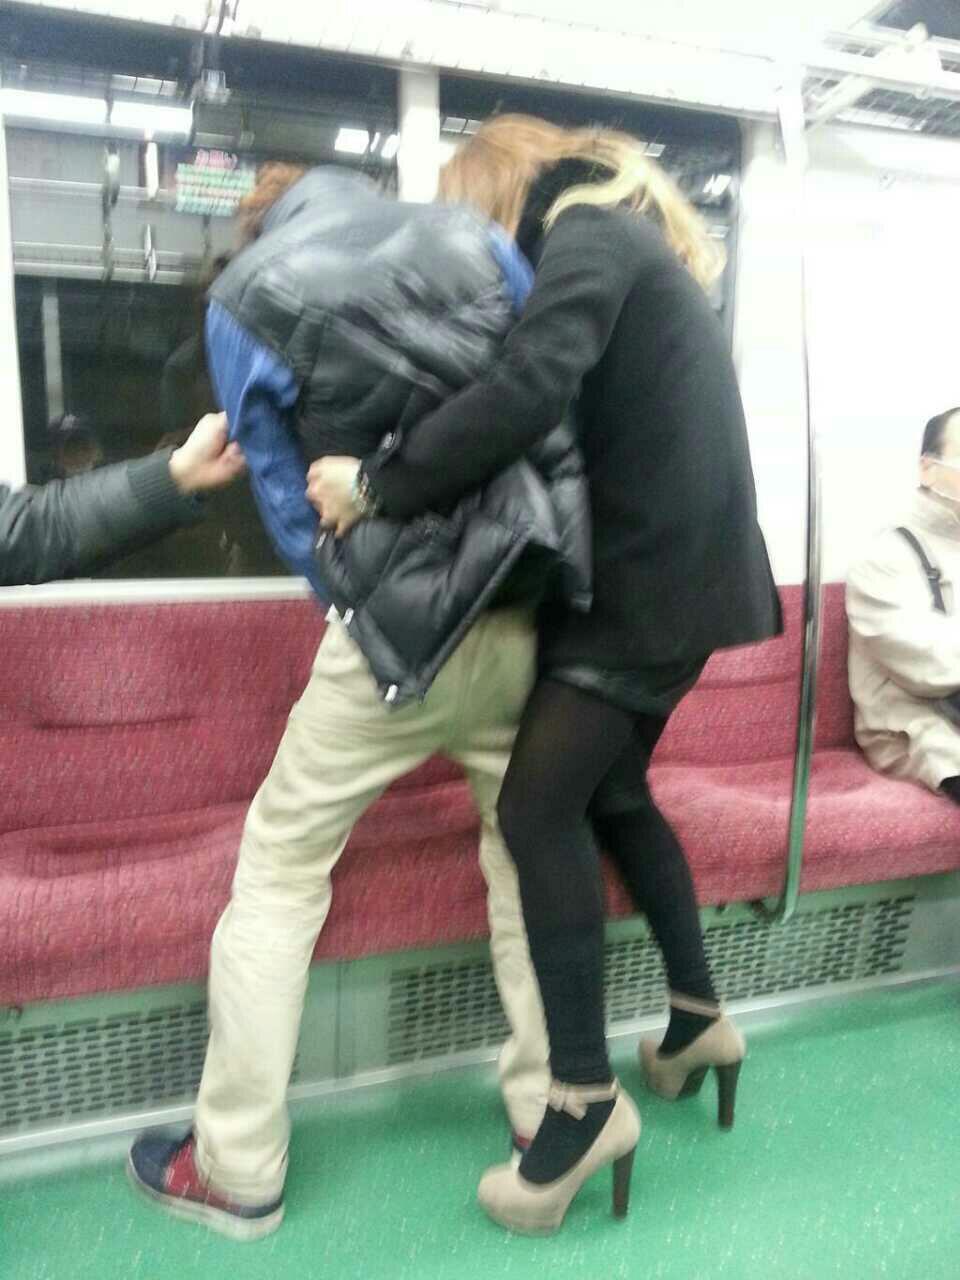 【悲劇】オシッコの上に座る乗客…。 【悲劇】オシッコの上に座る乗客…。   ガールズちゃんねる